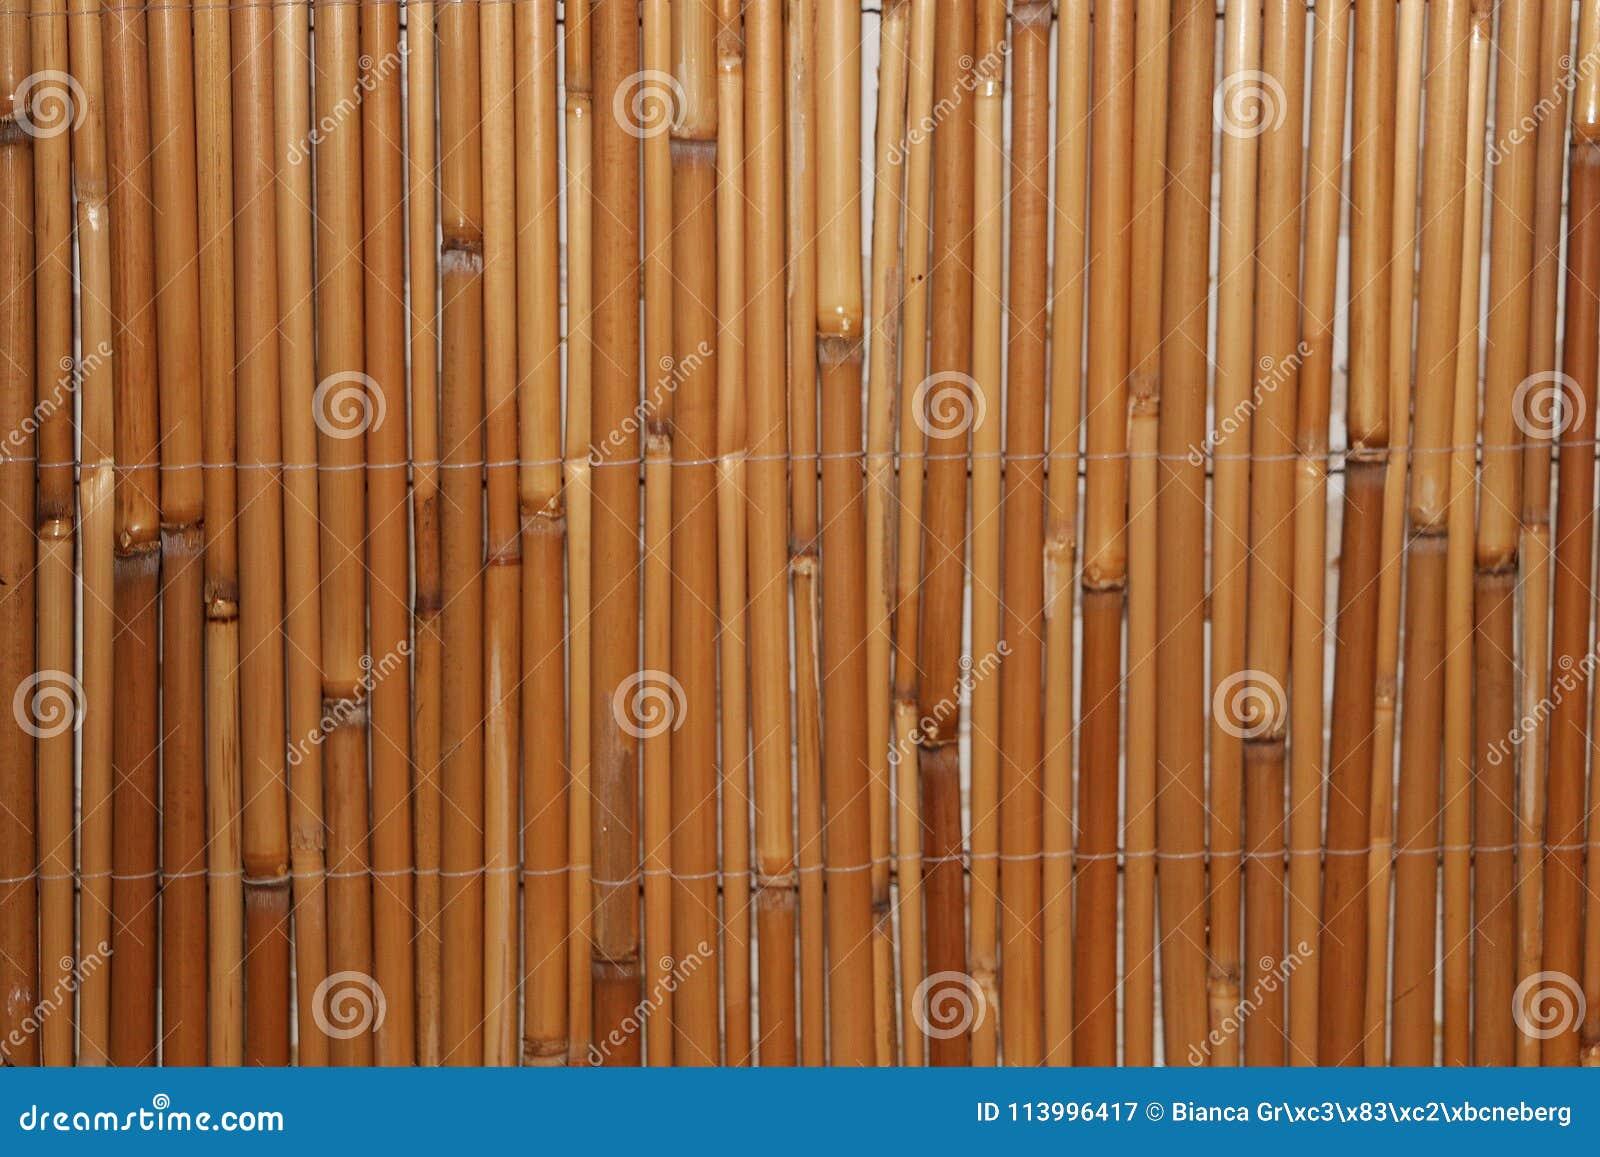 Membros de bambu em seguido